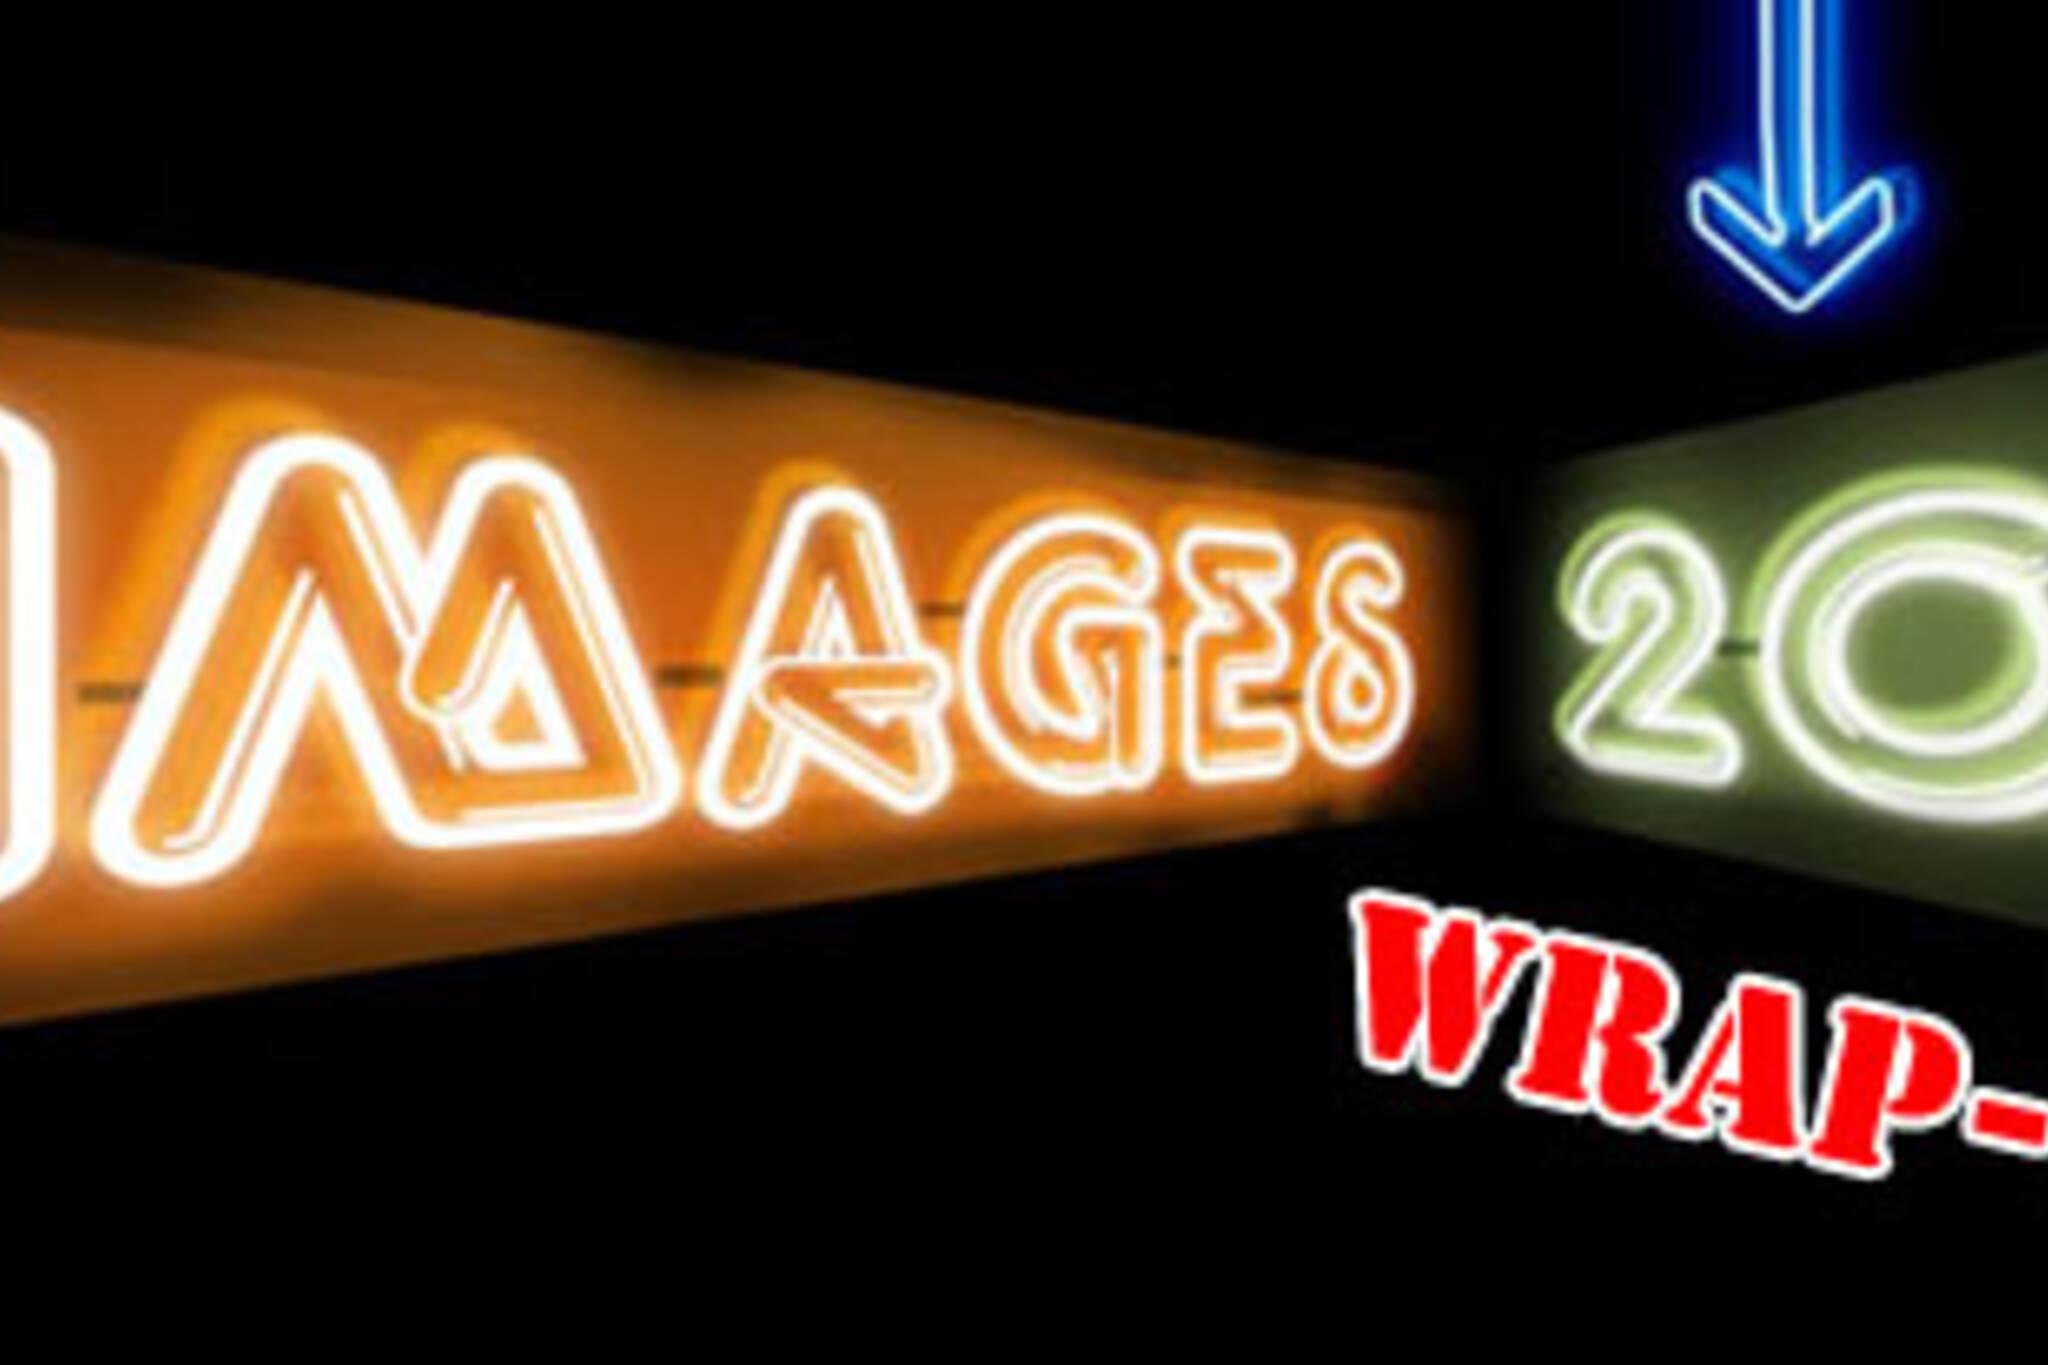 imagesfilmfestwrap_041607.jpg